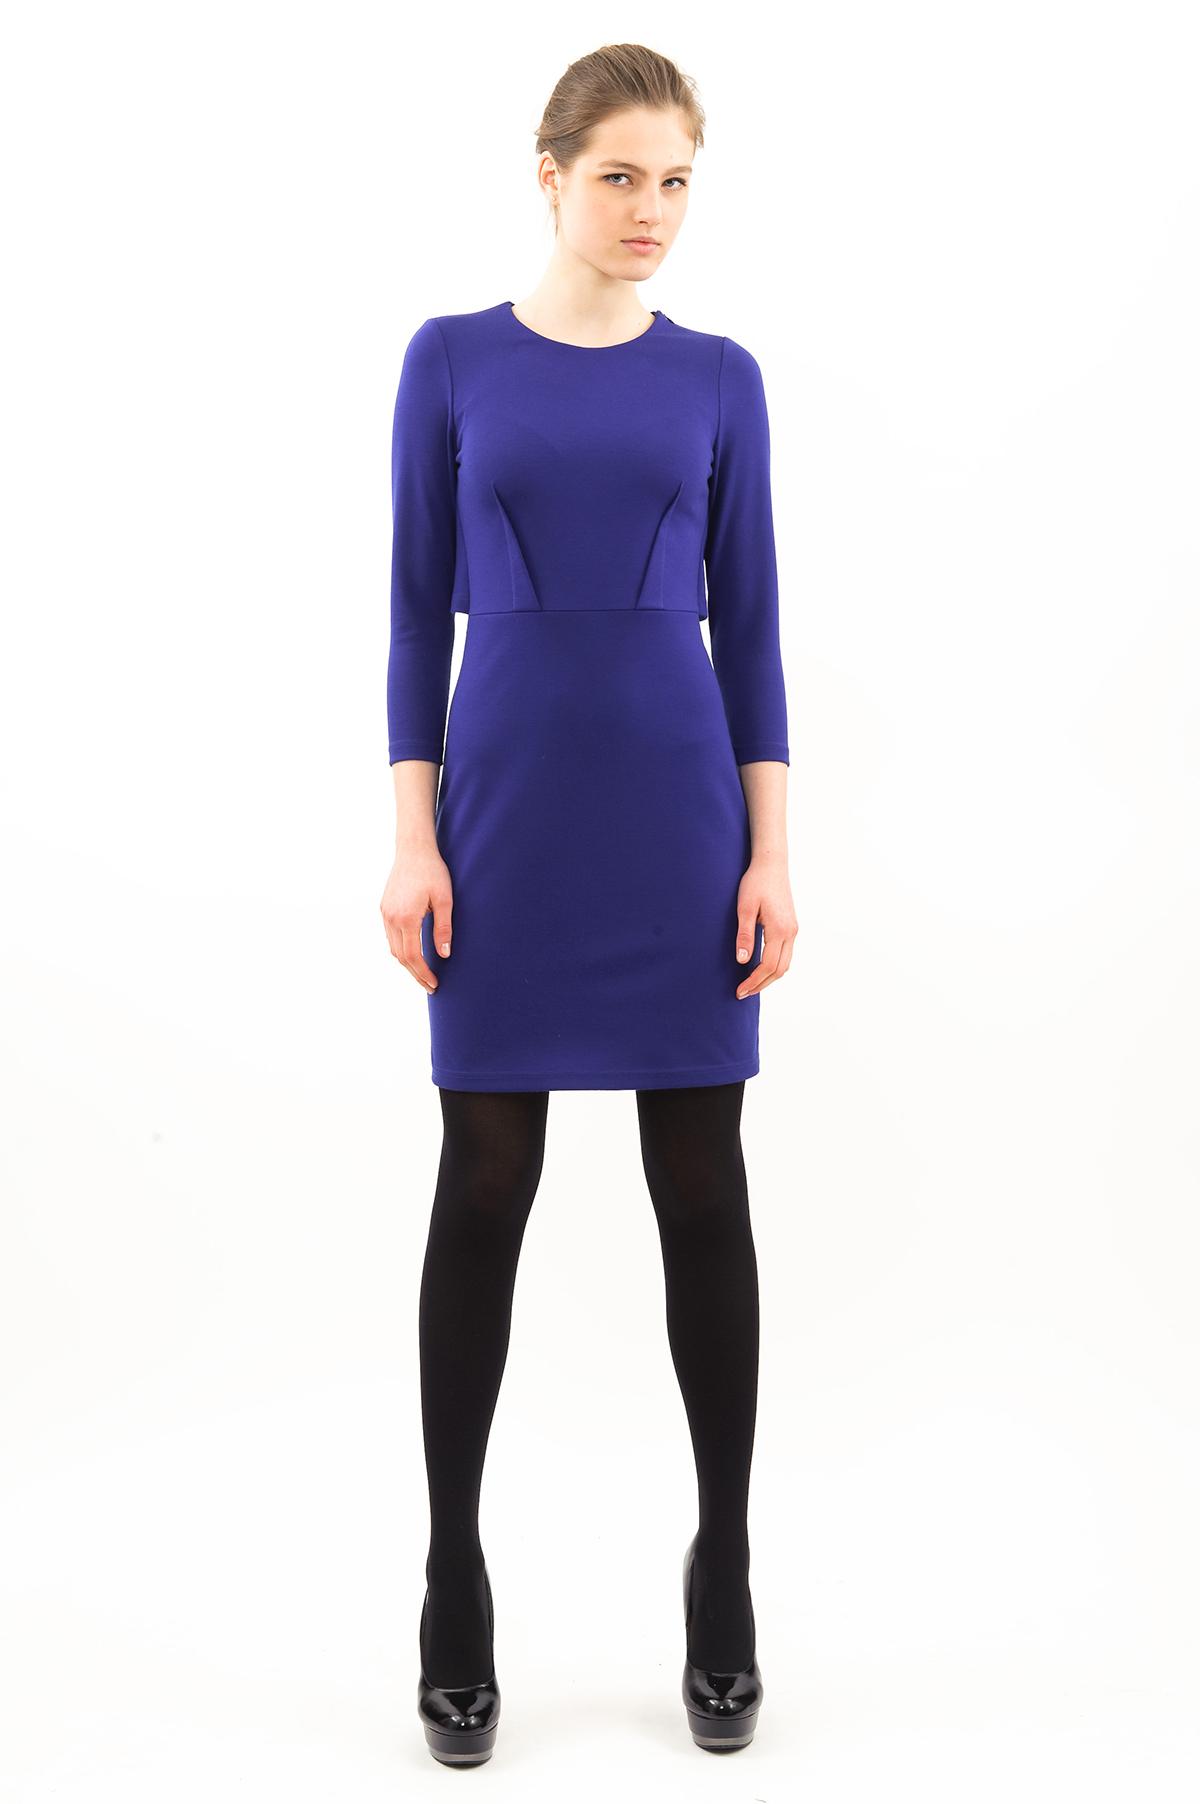 ПлатьеПлатья,  сарафаны<br>Эффектное платье.Изделие с округлым вырезом горловины. Модель станет замечательным дополнением к Вашему гардеробу.<br><br>Цвет: синий<br>Состав: 60% вискоза, 35% полиэстер, 5% лайкра<br>Размер: 42,44,46,48,50,52,54,56<br>Страна дизайна: Россия<br>Страна производства: Россия